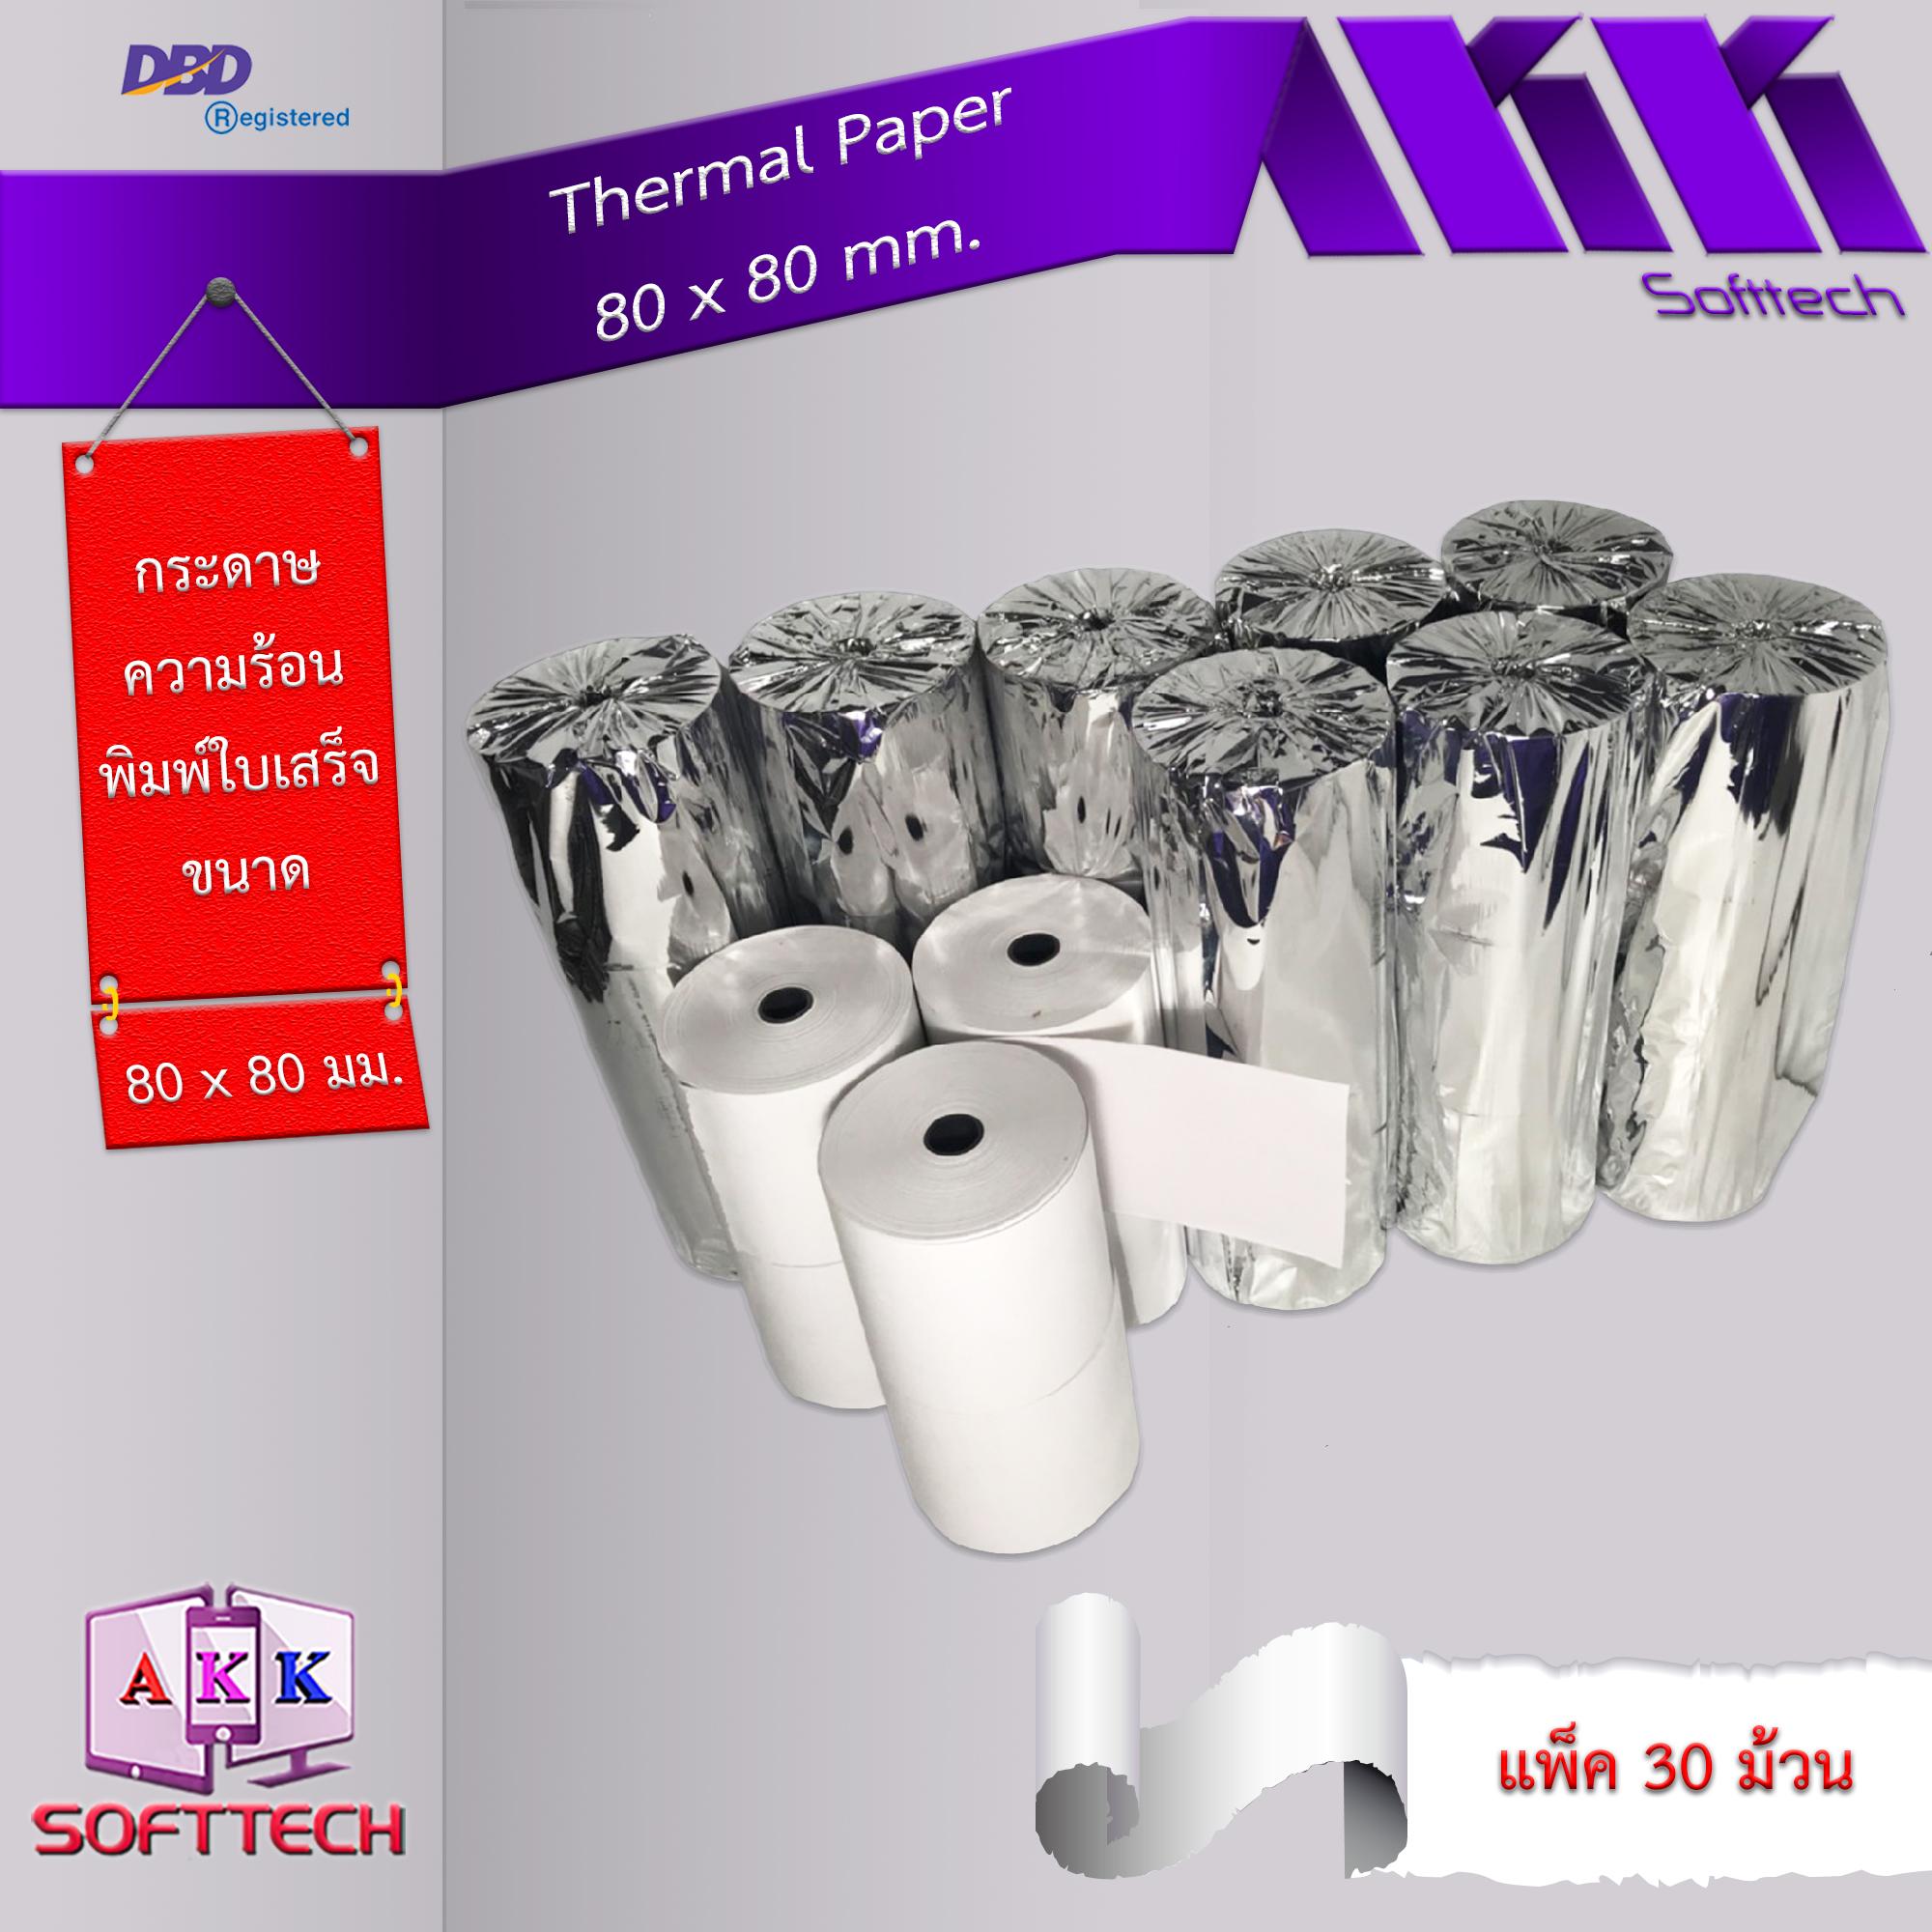 กระดาษความร้อนพิมพ์ใบเสร็จ 80x80 มม. (Thermal Paper 80x80 mm) แพ็ค 30 ม้วน